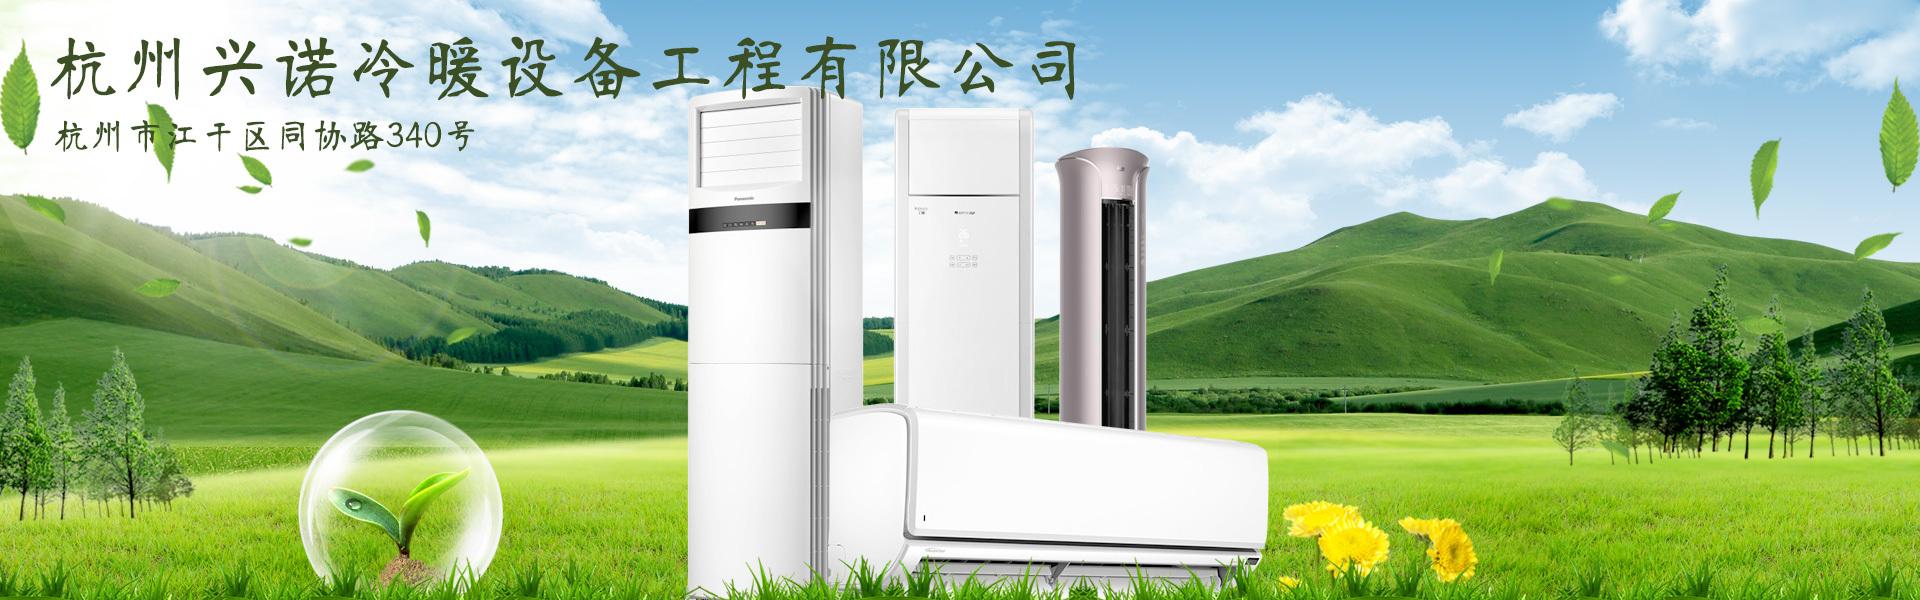 杭州志高空调价格